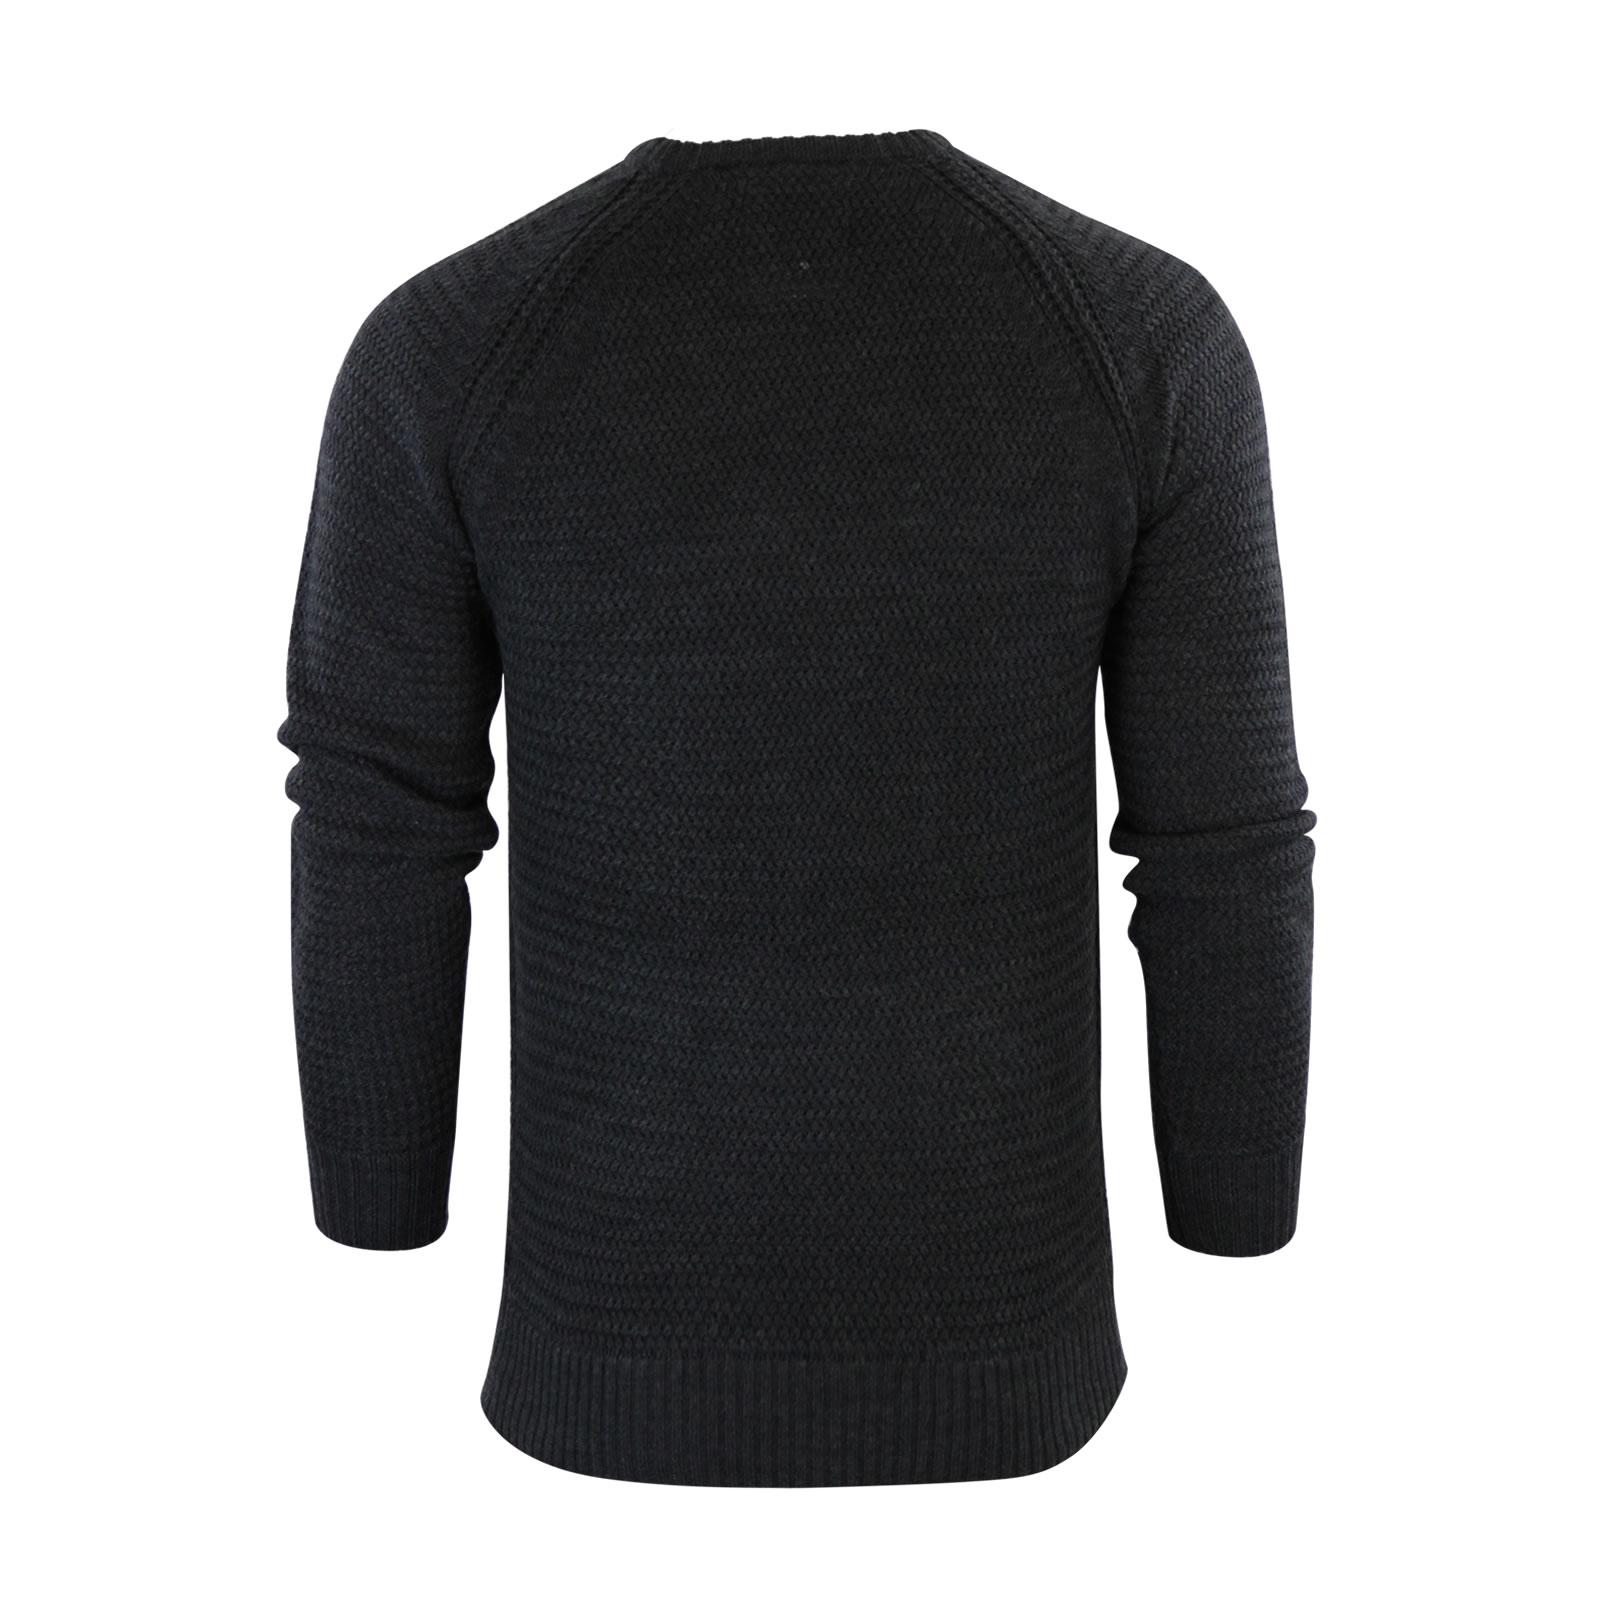 herren-pullover-brave-soul-columbia-weave-strick-rundhals-winterpulli Indexbild 3